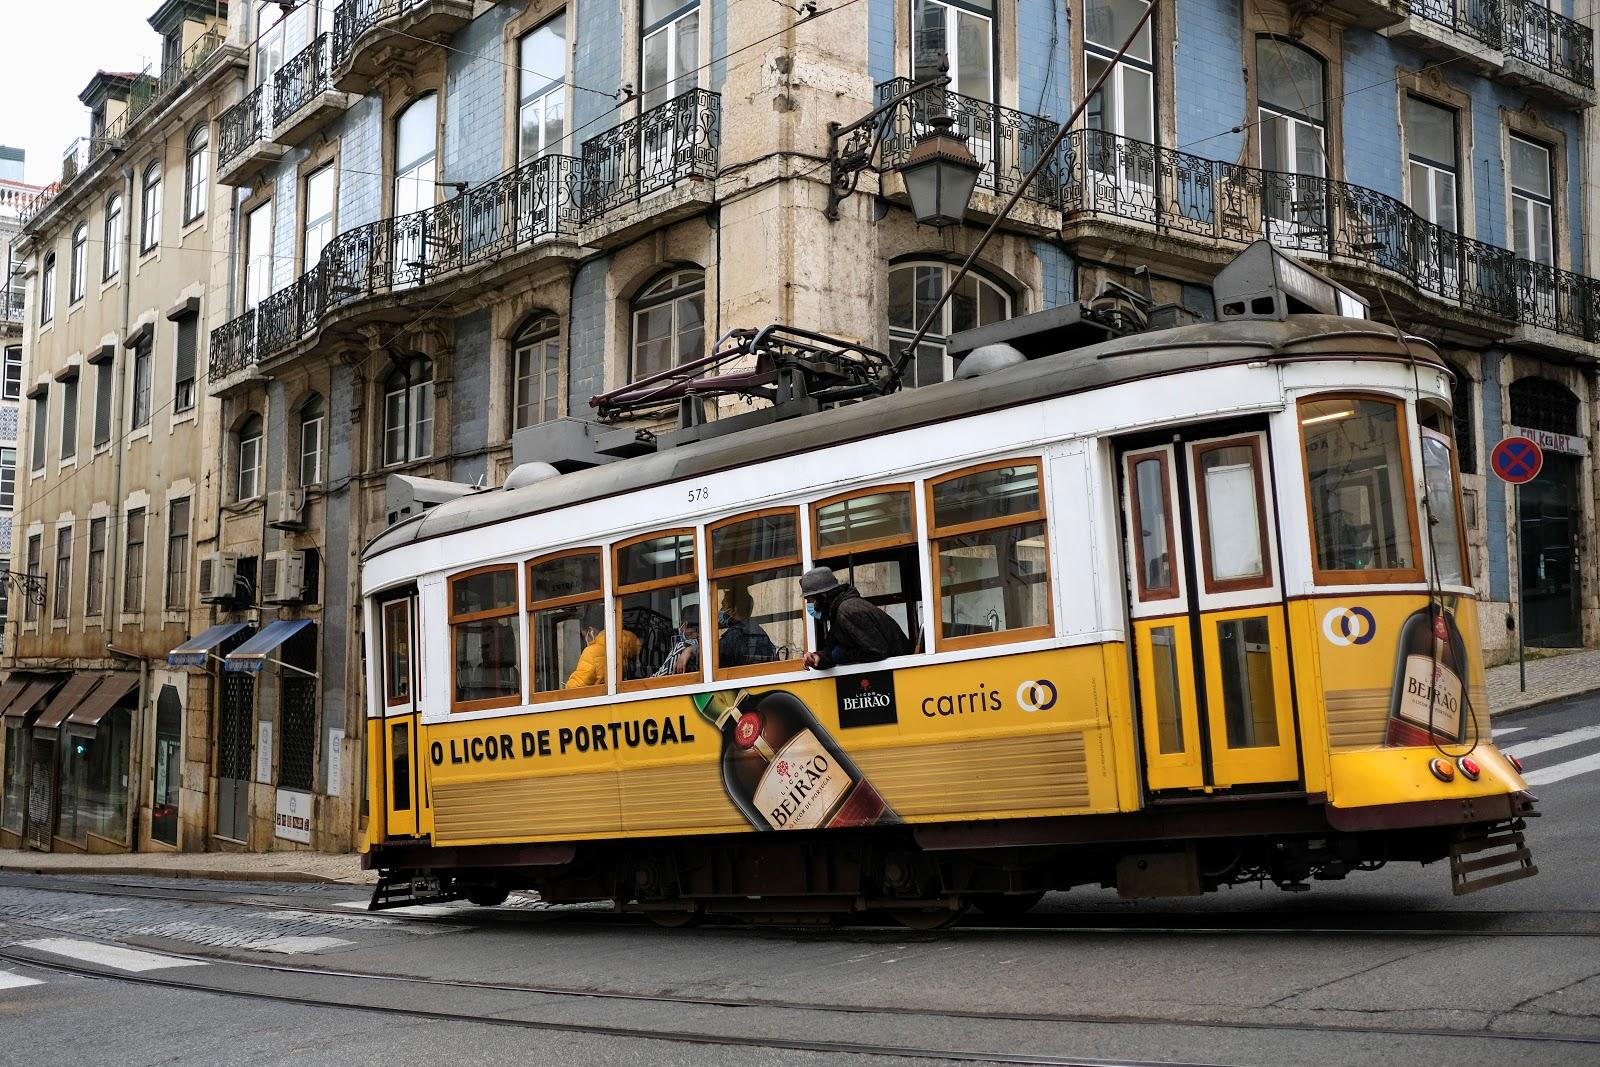 Bondinho circula pelas ruas vazias de Lisboa na quarentena